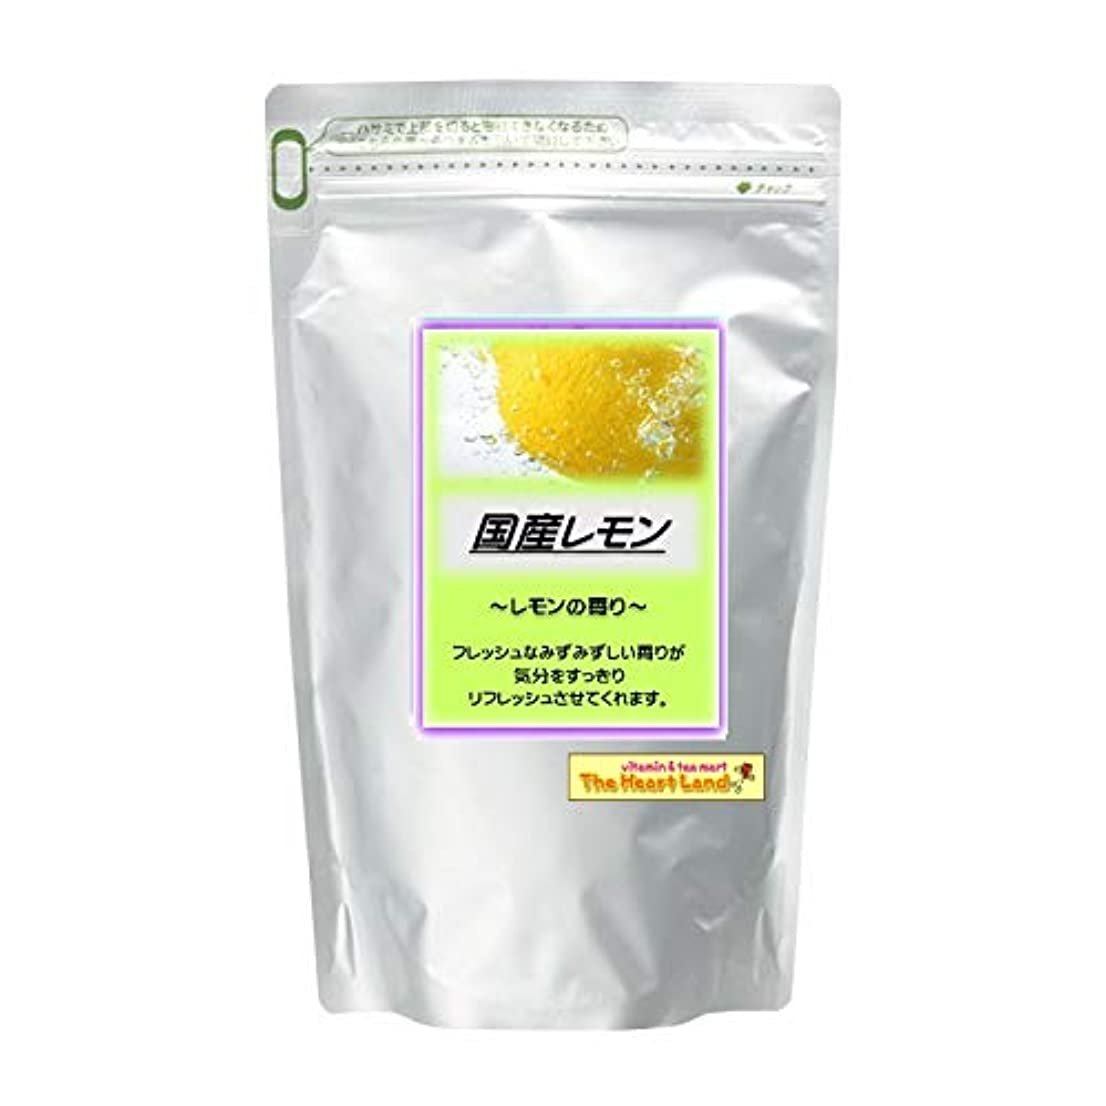 心のこもった器具何十人もアサヒ入浴剤 浴用入浴化粧品 国産レモン 300g